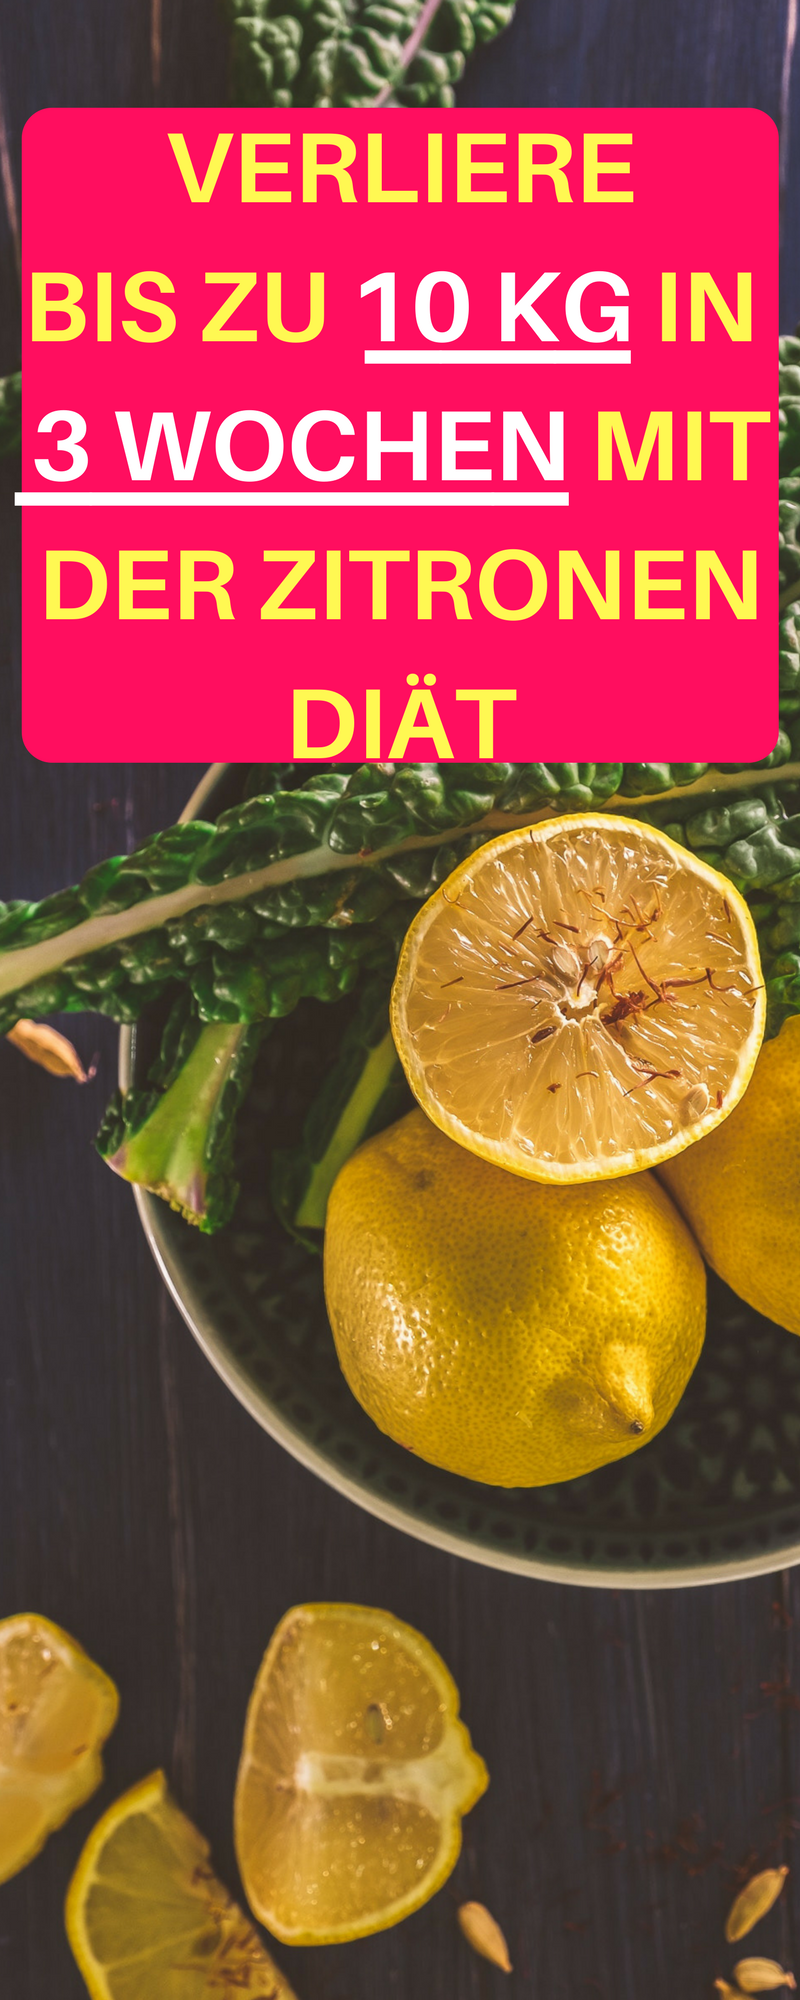 Zitronenschale für Gewichtsverlust Bewertungen